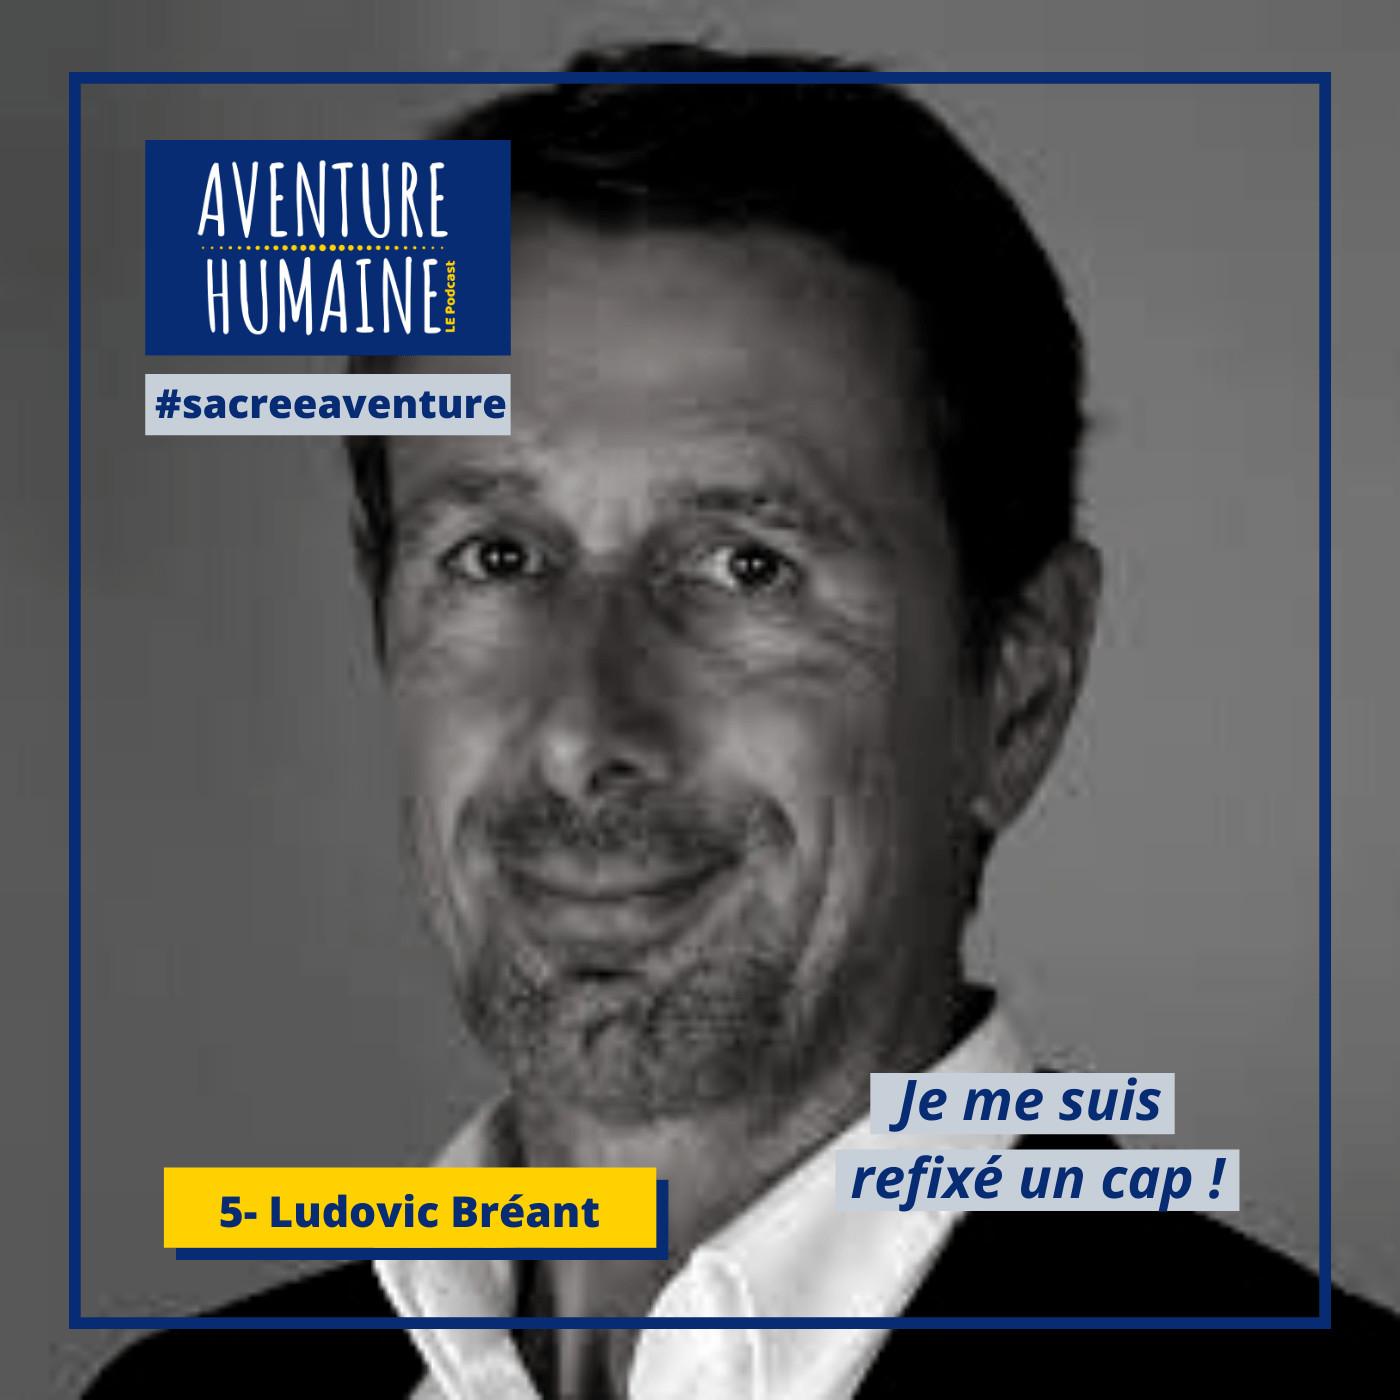 #5 - 🎙COVID-19 🙏- Sacrée Aventure avec Ludovic Bréant 🏗 - Immobilier - Restauration & Hôtellerie 🛎 face à la crise actuelle !